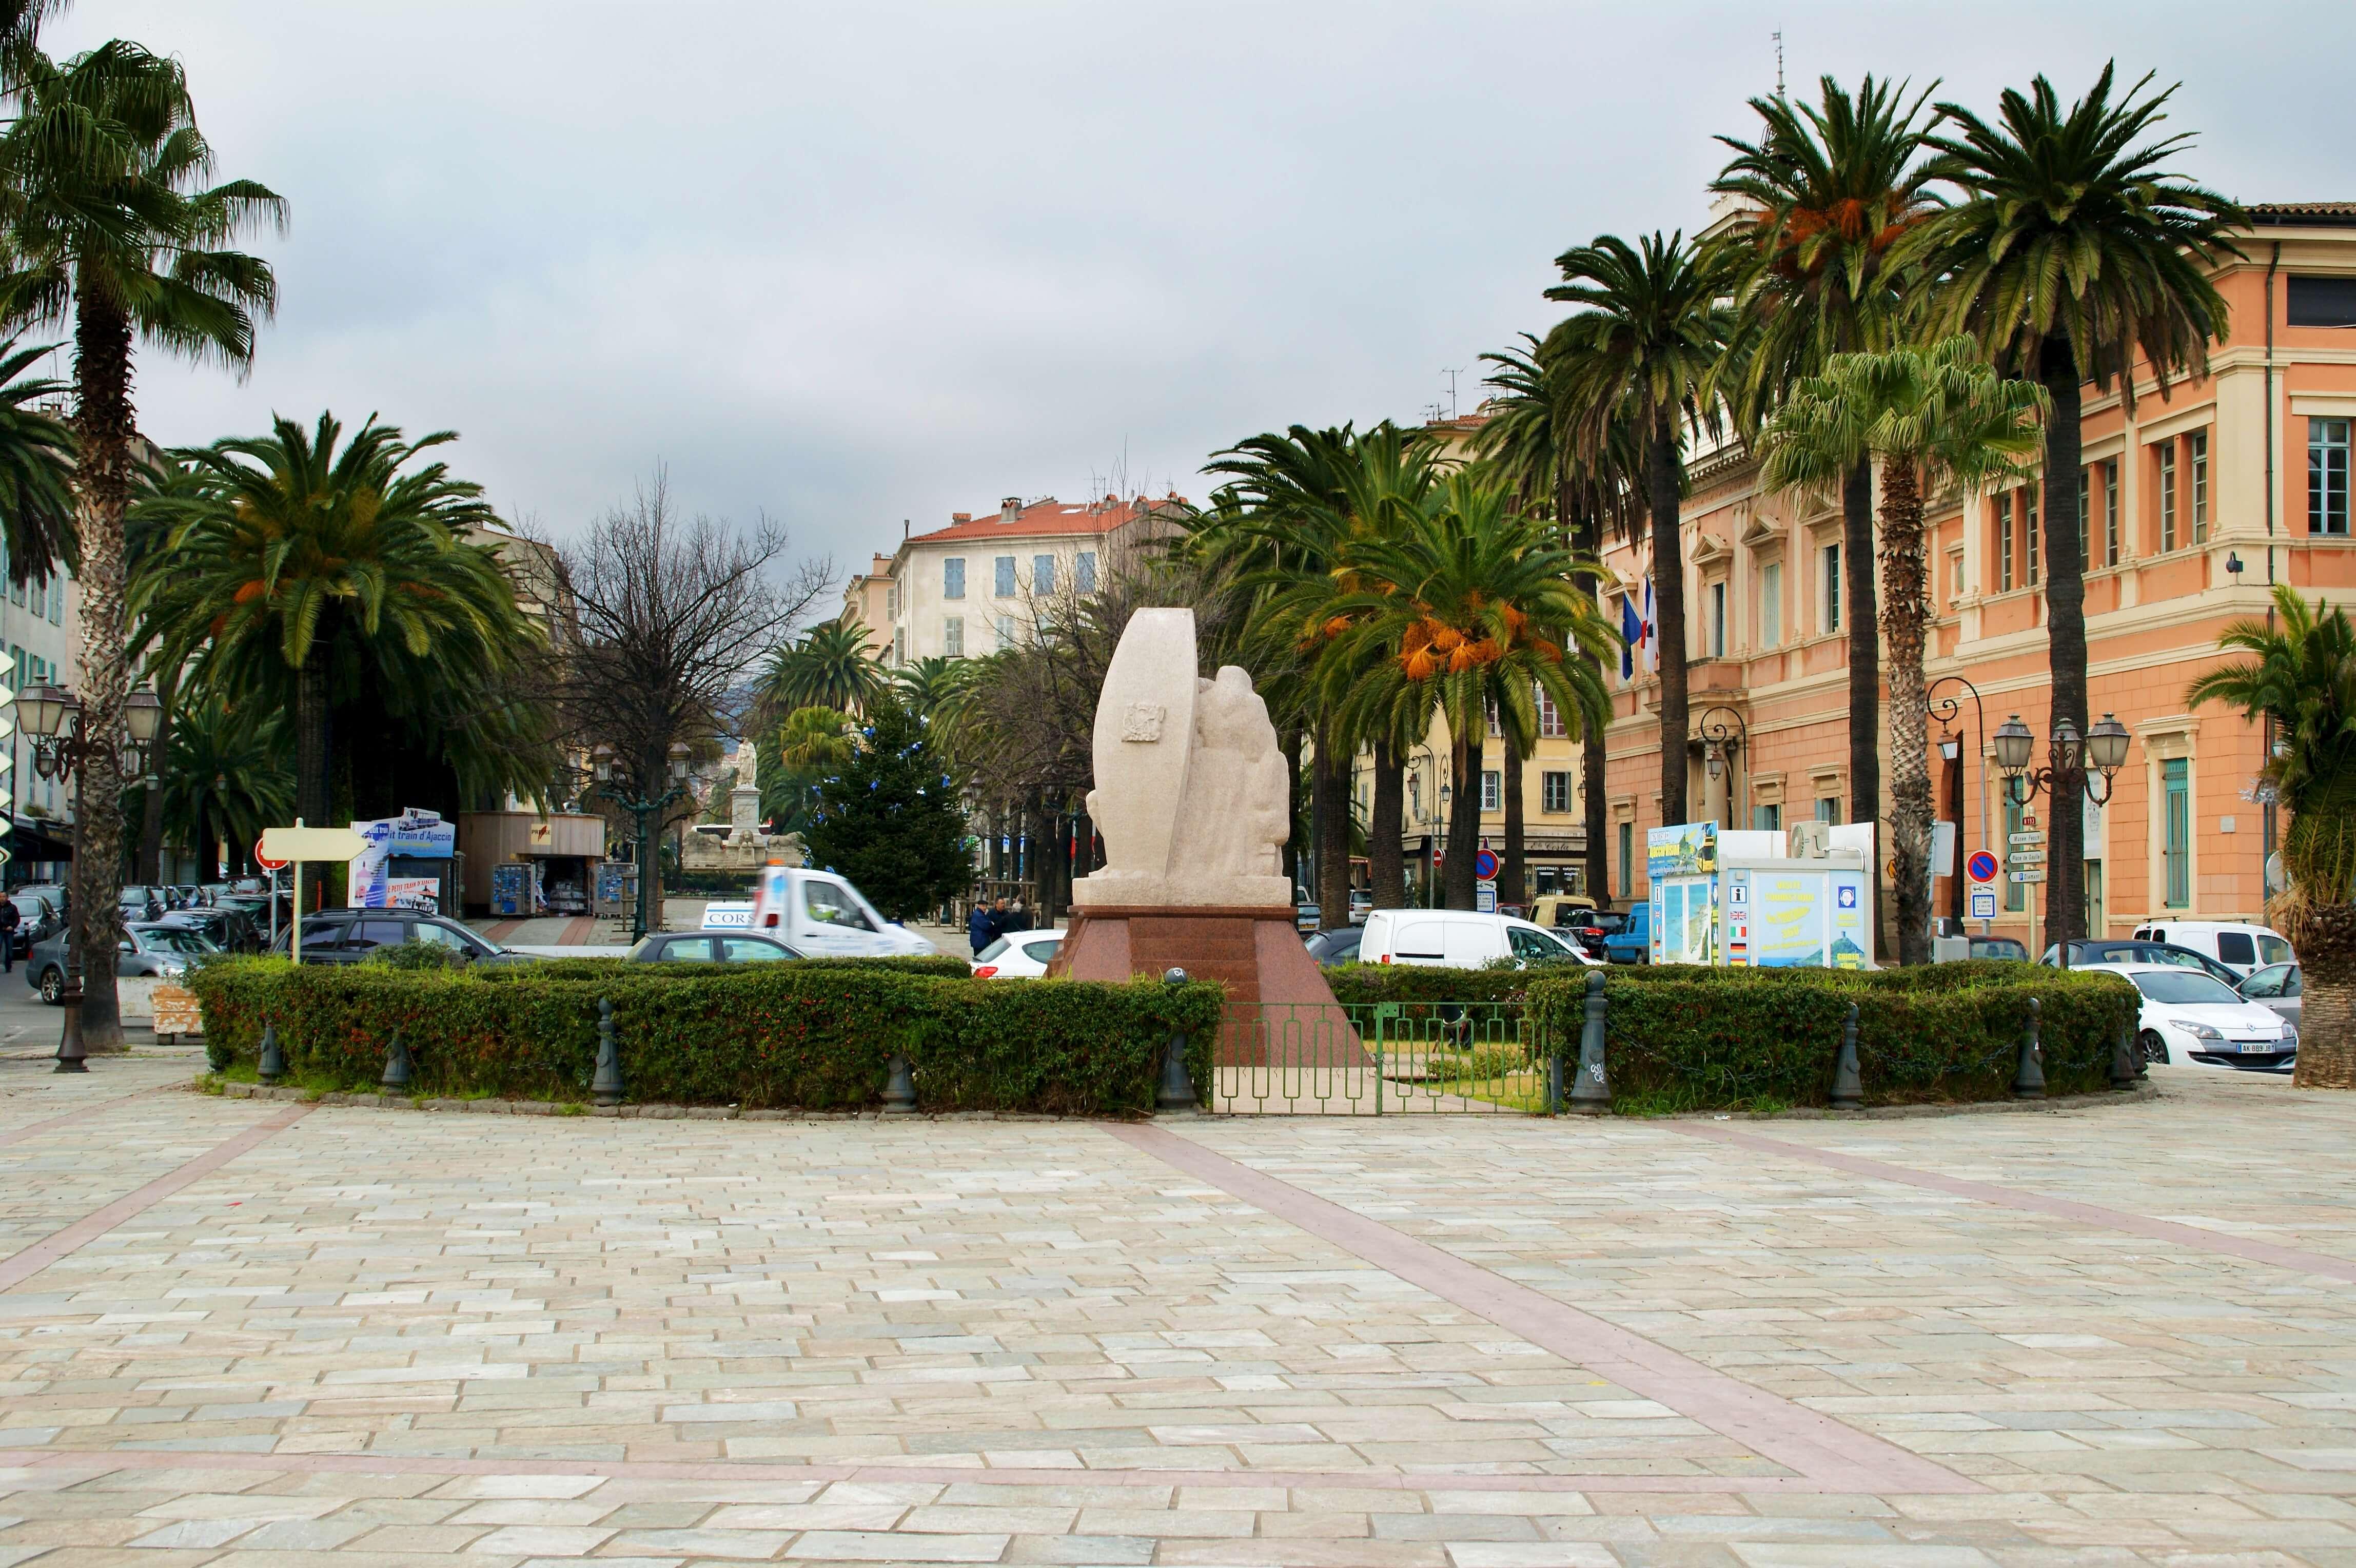 La Cité impériale, Ajaccio, abrite de magnifiques places et monuments historiques incontournables.